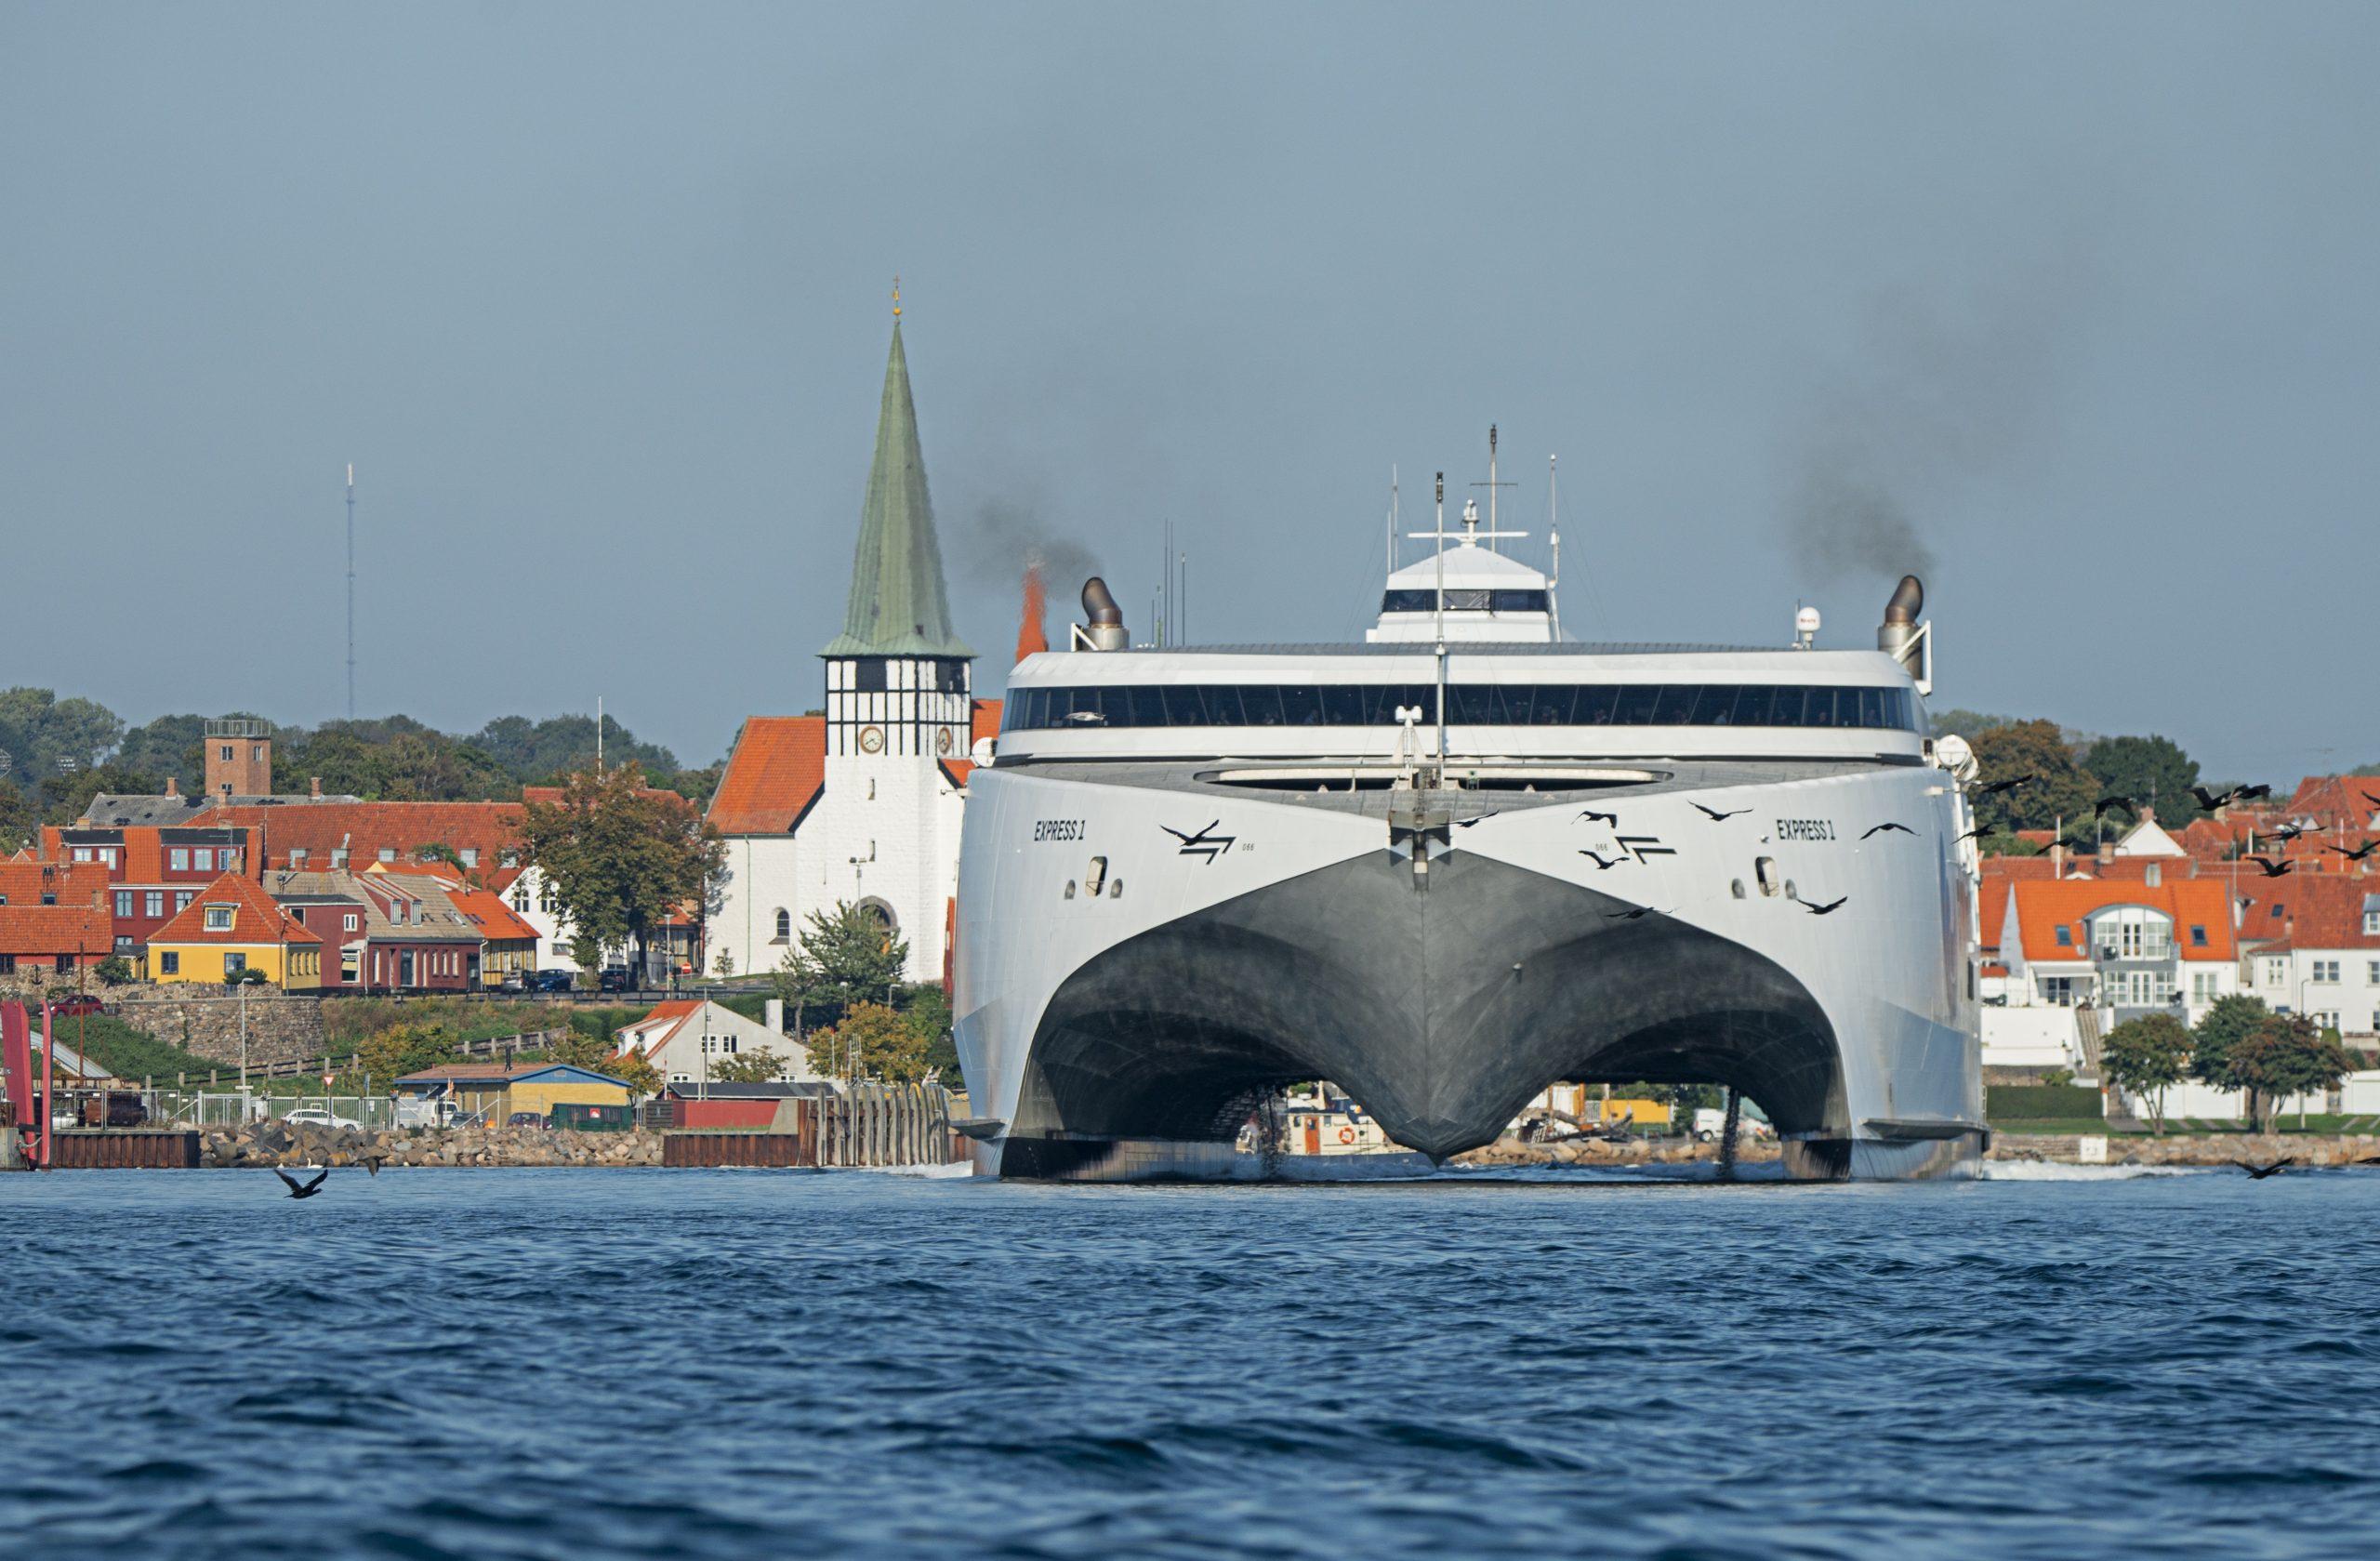 Danske turister til Bornholm afbestiller bookingerne, når usikkerheden om svenske krav bliver for stor eller besværet for overvældende, siger HORESTA. Her er katamaran fra Bornholmslinjen i Rønne. Presse: Bornholmslinjen.